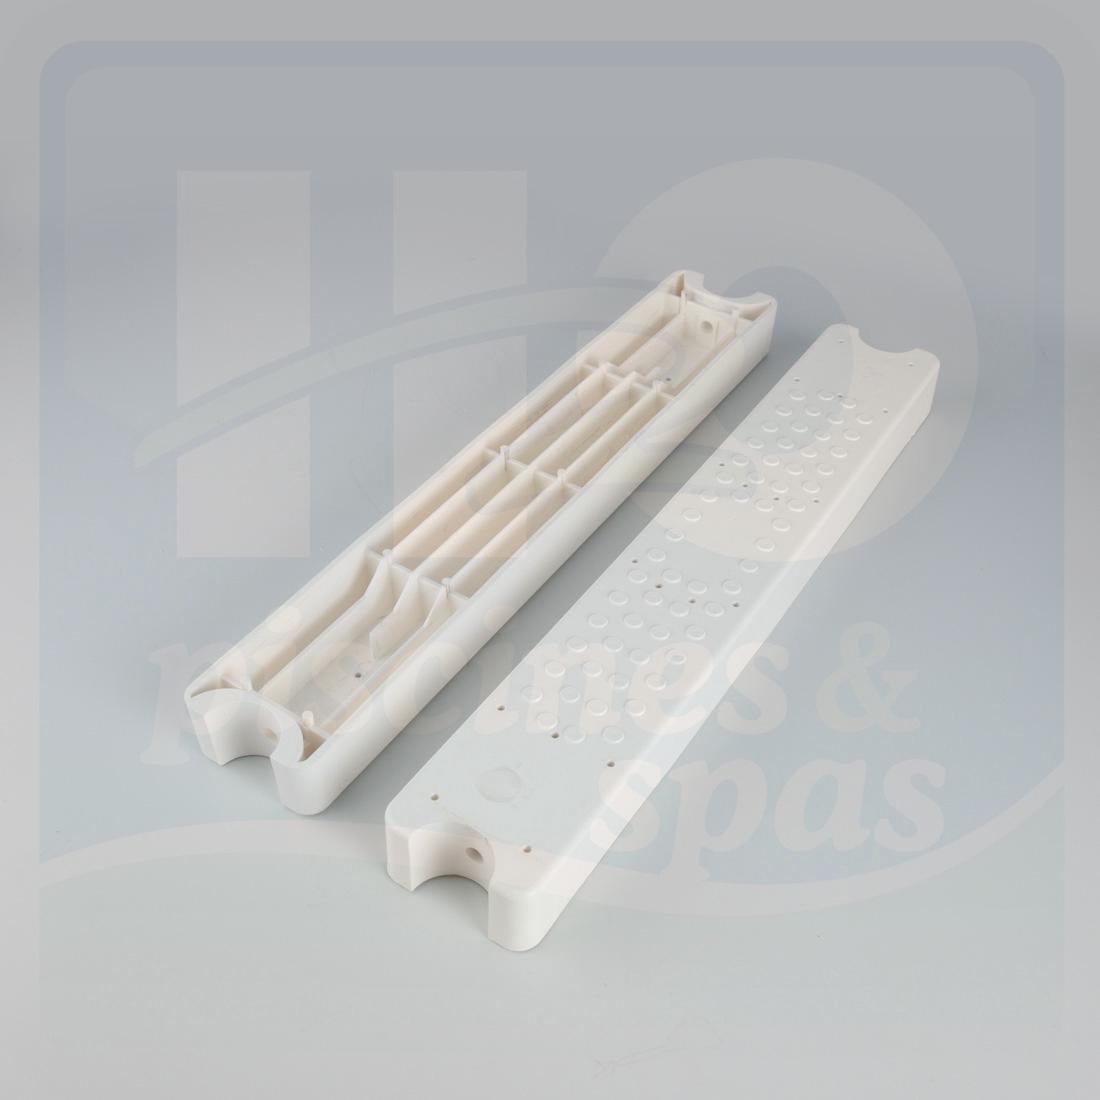 marche d 39 chelle aquamatic blanche 80 d40dc les 2 h2o piscines spas. Black Bedroom Furniture Sets. Home Design Ideas